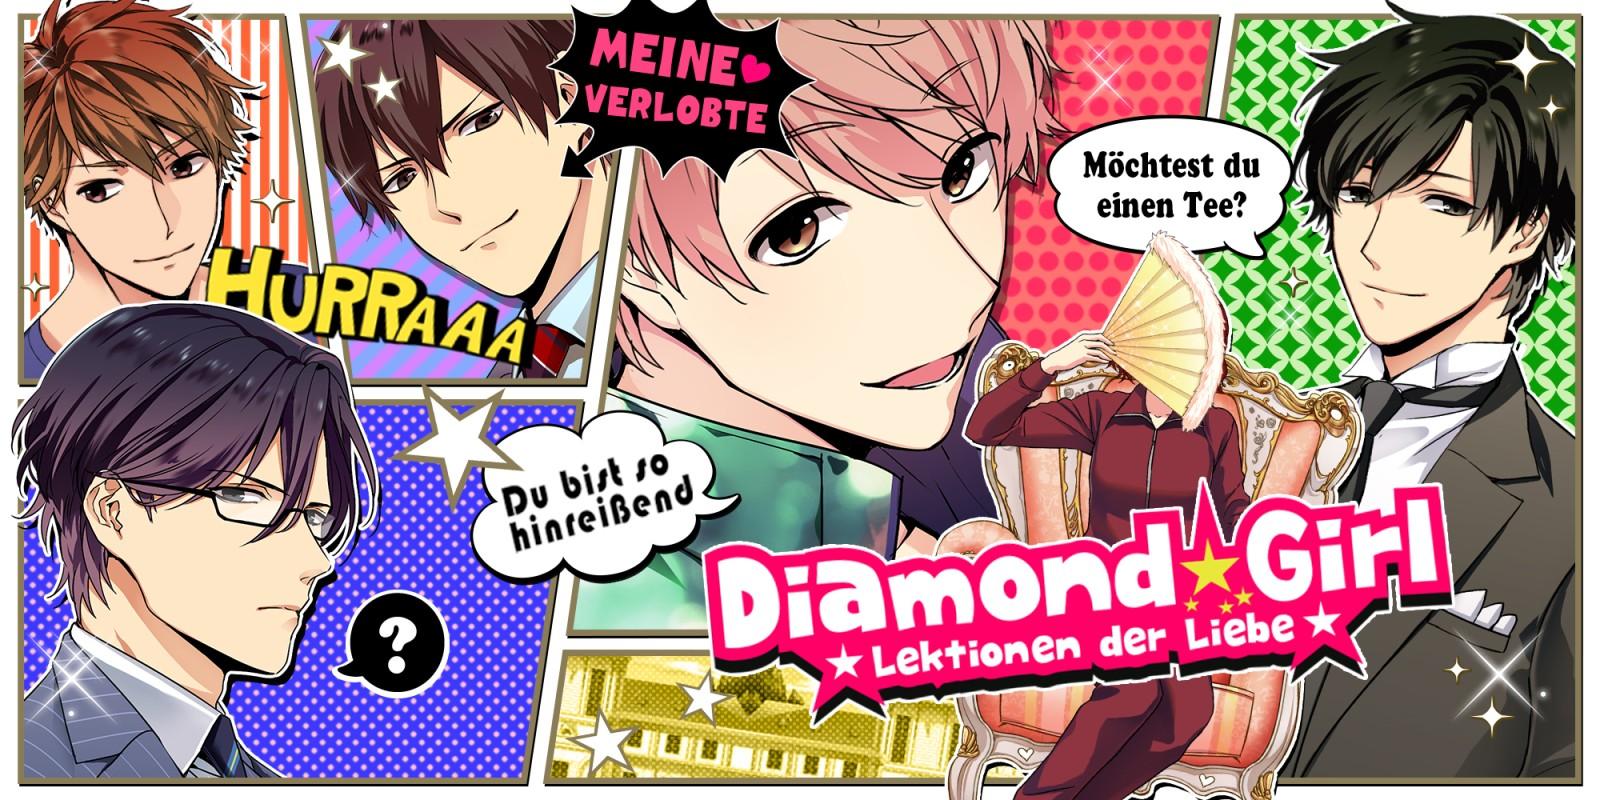 Diamond Girl ★Lektionen der Liebe★